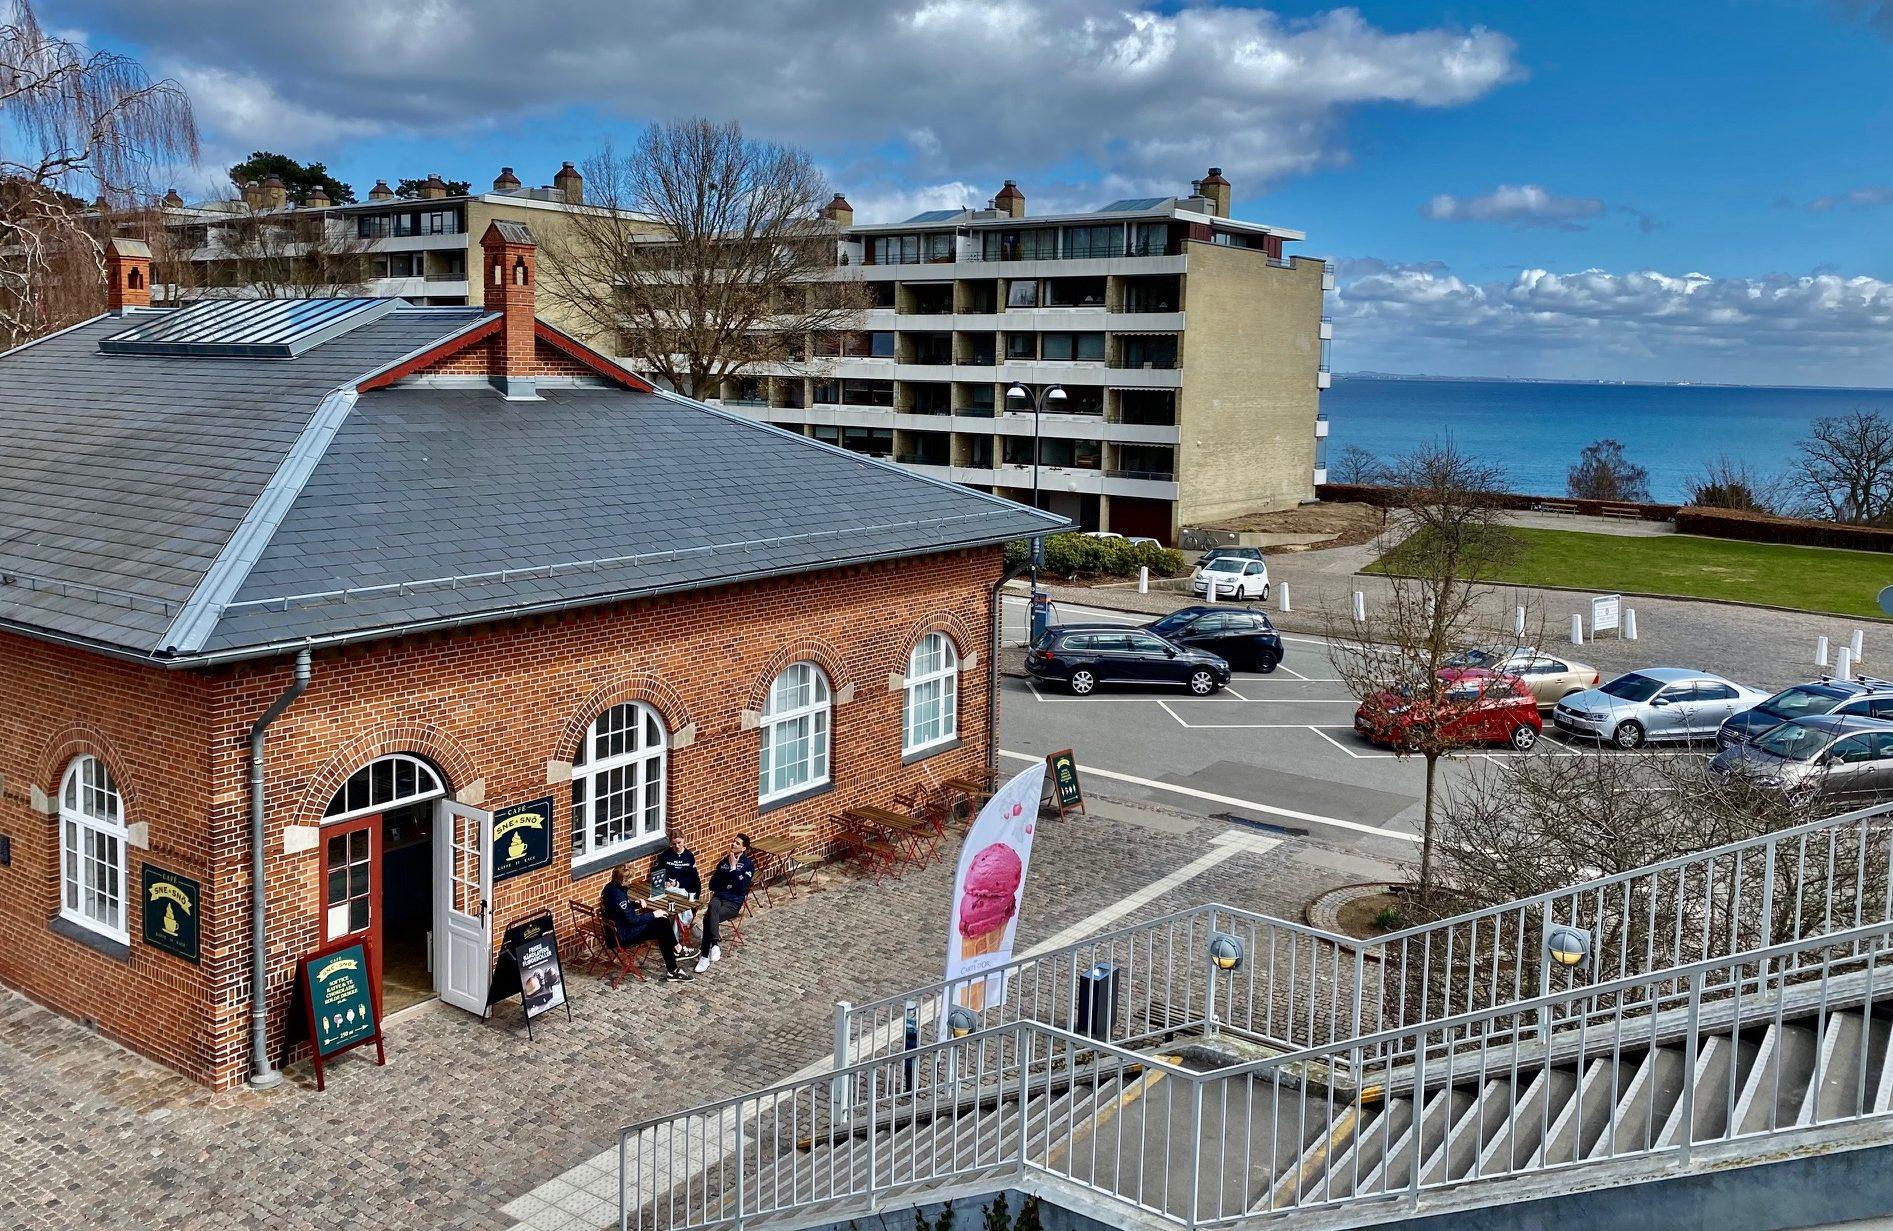 Rejsebureauet Sne og Snö og dets nye cafe har til huse i den gamle stationsbygning fra 1906 på Skodsborg Station, i forgrunden, i baggrunden ses Øresund. PR-foto: Sne og Snö.